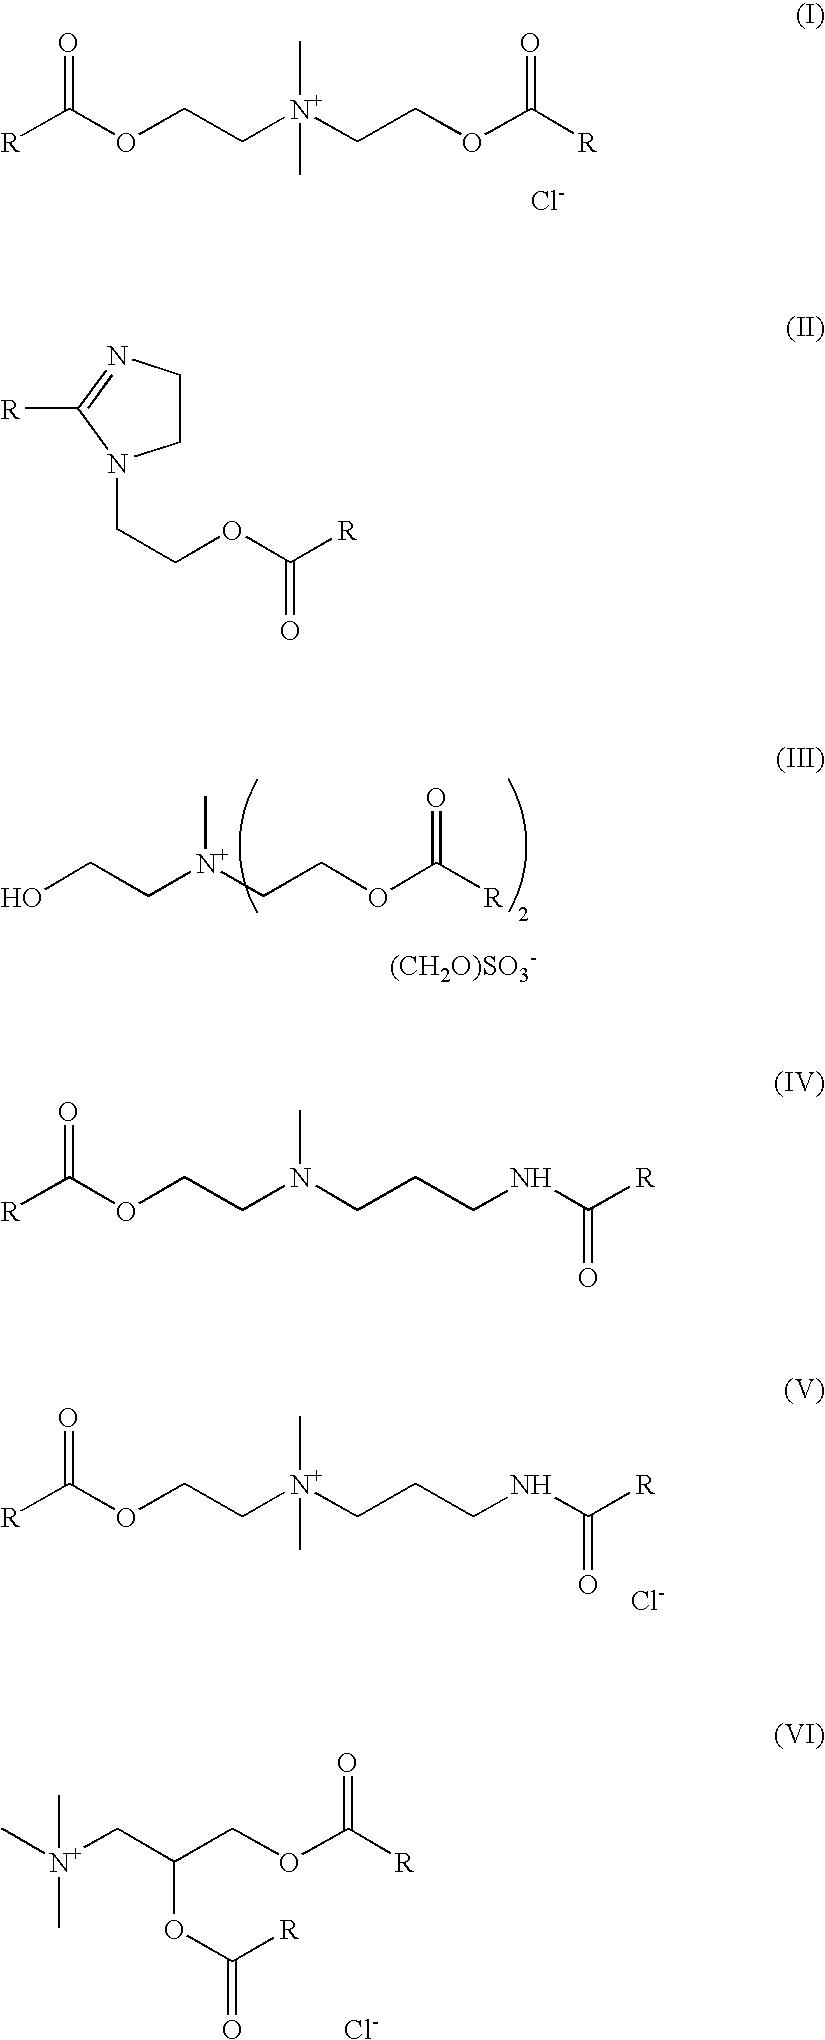 Figure US20040006828A1-20040115-C00001